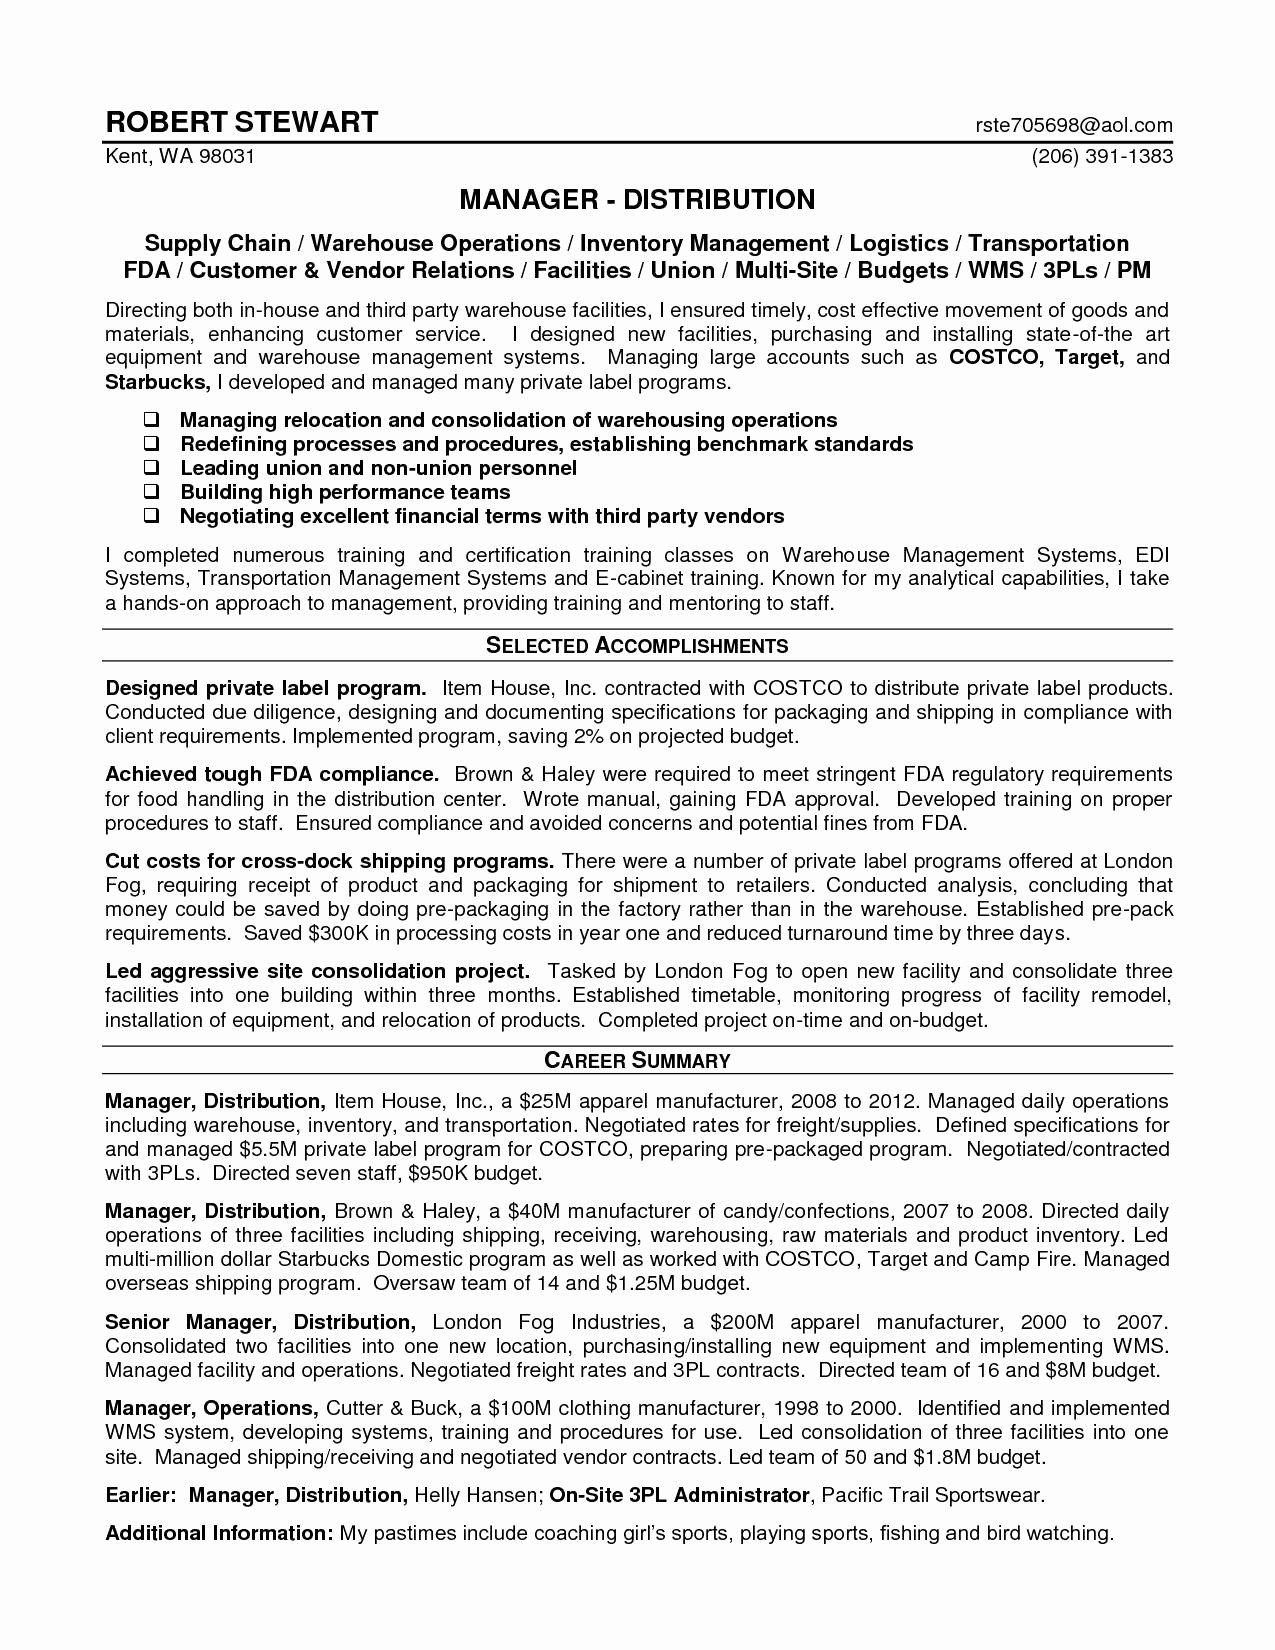 Logistics Coordinator Job Description Sarahepps